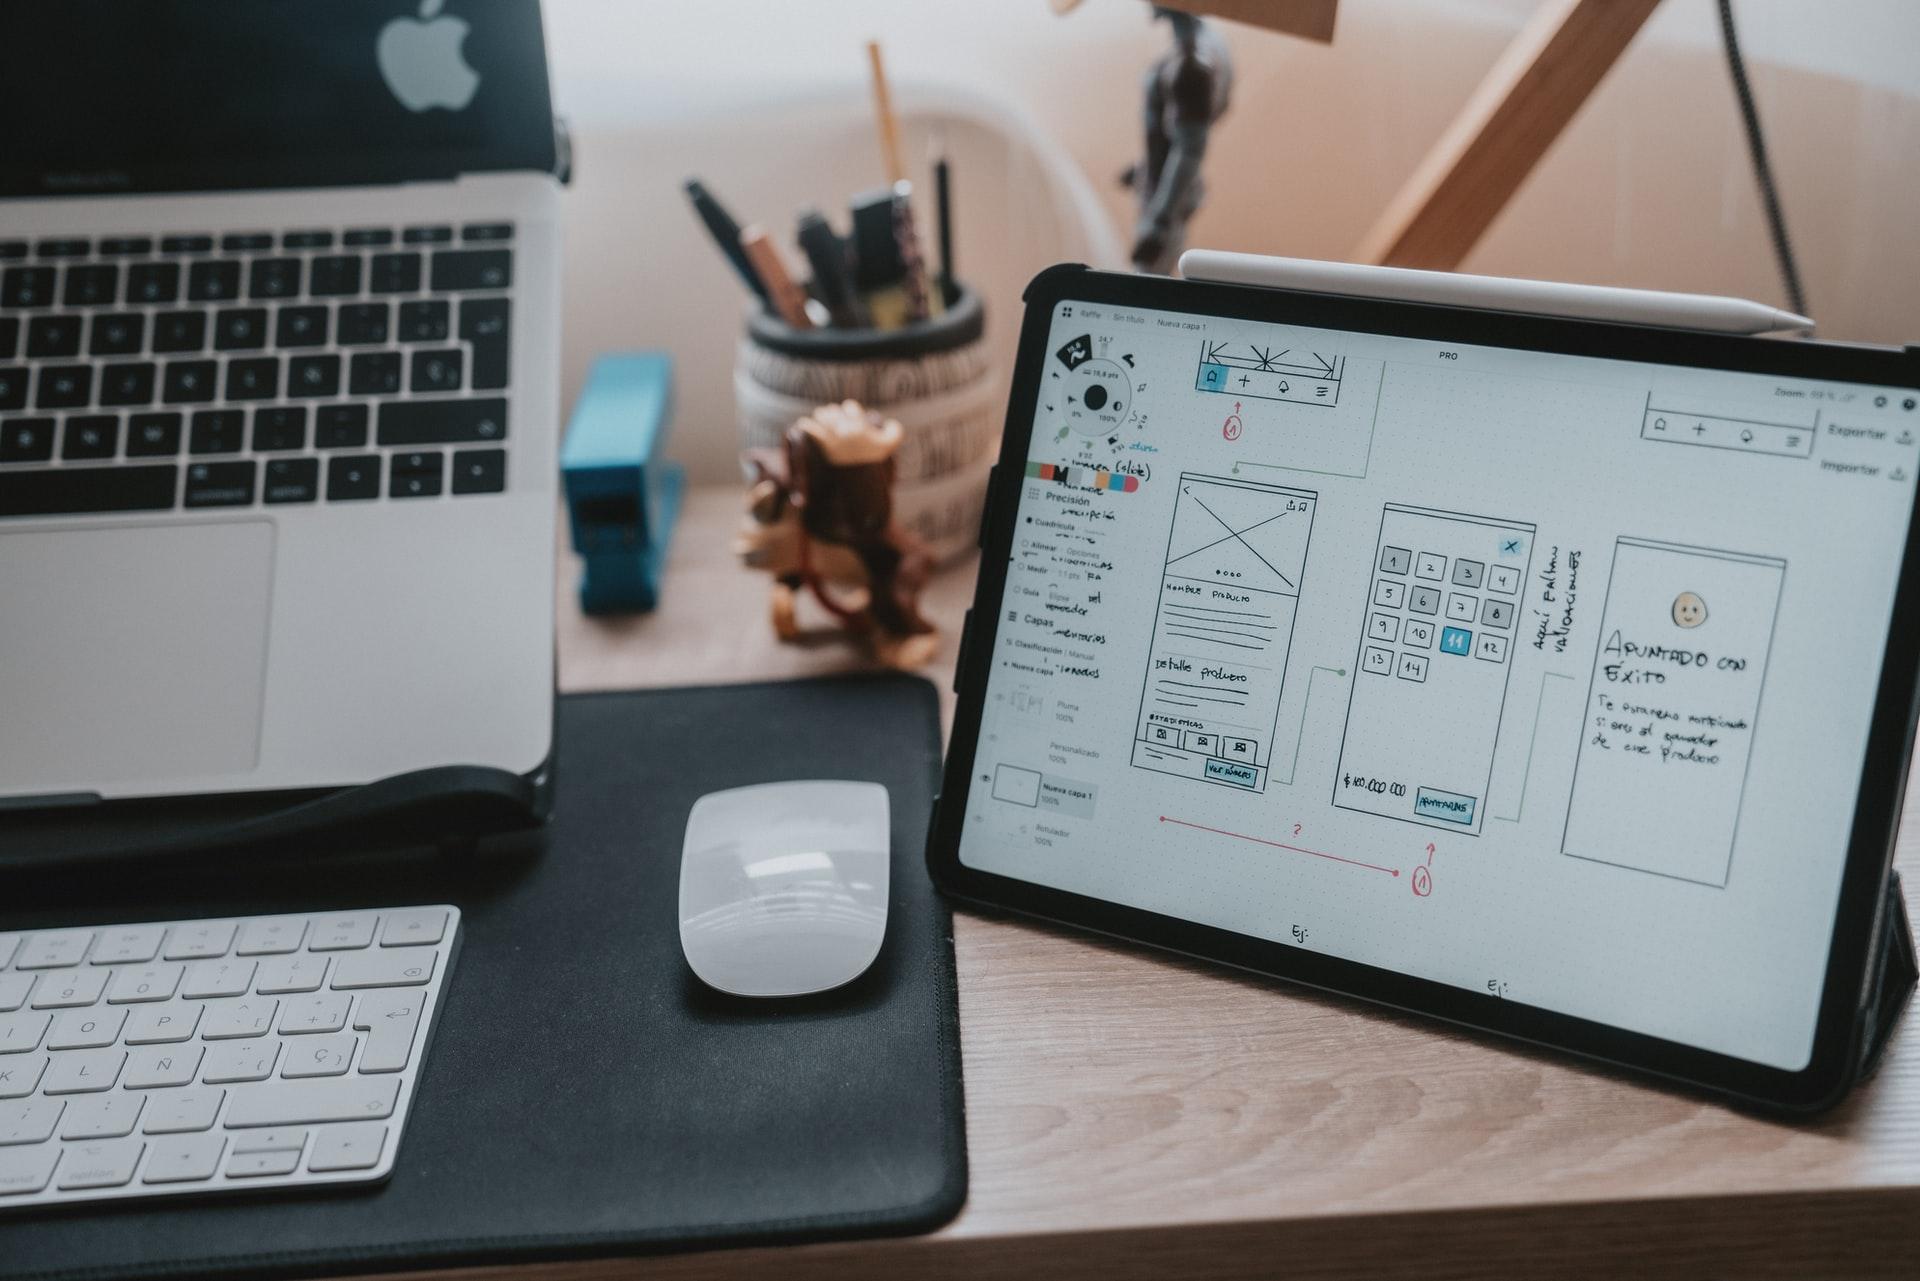 L'importance de l'UX et l'UI design sur un site internet